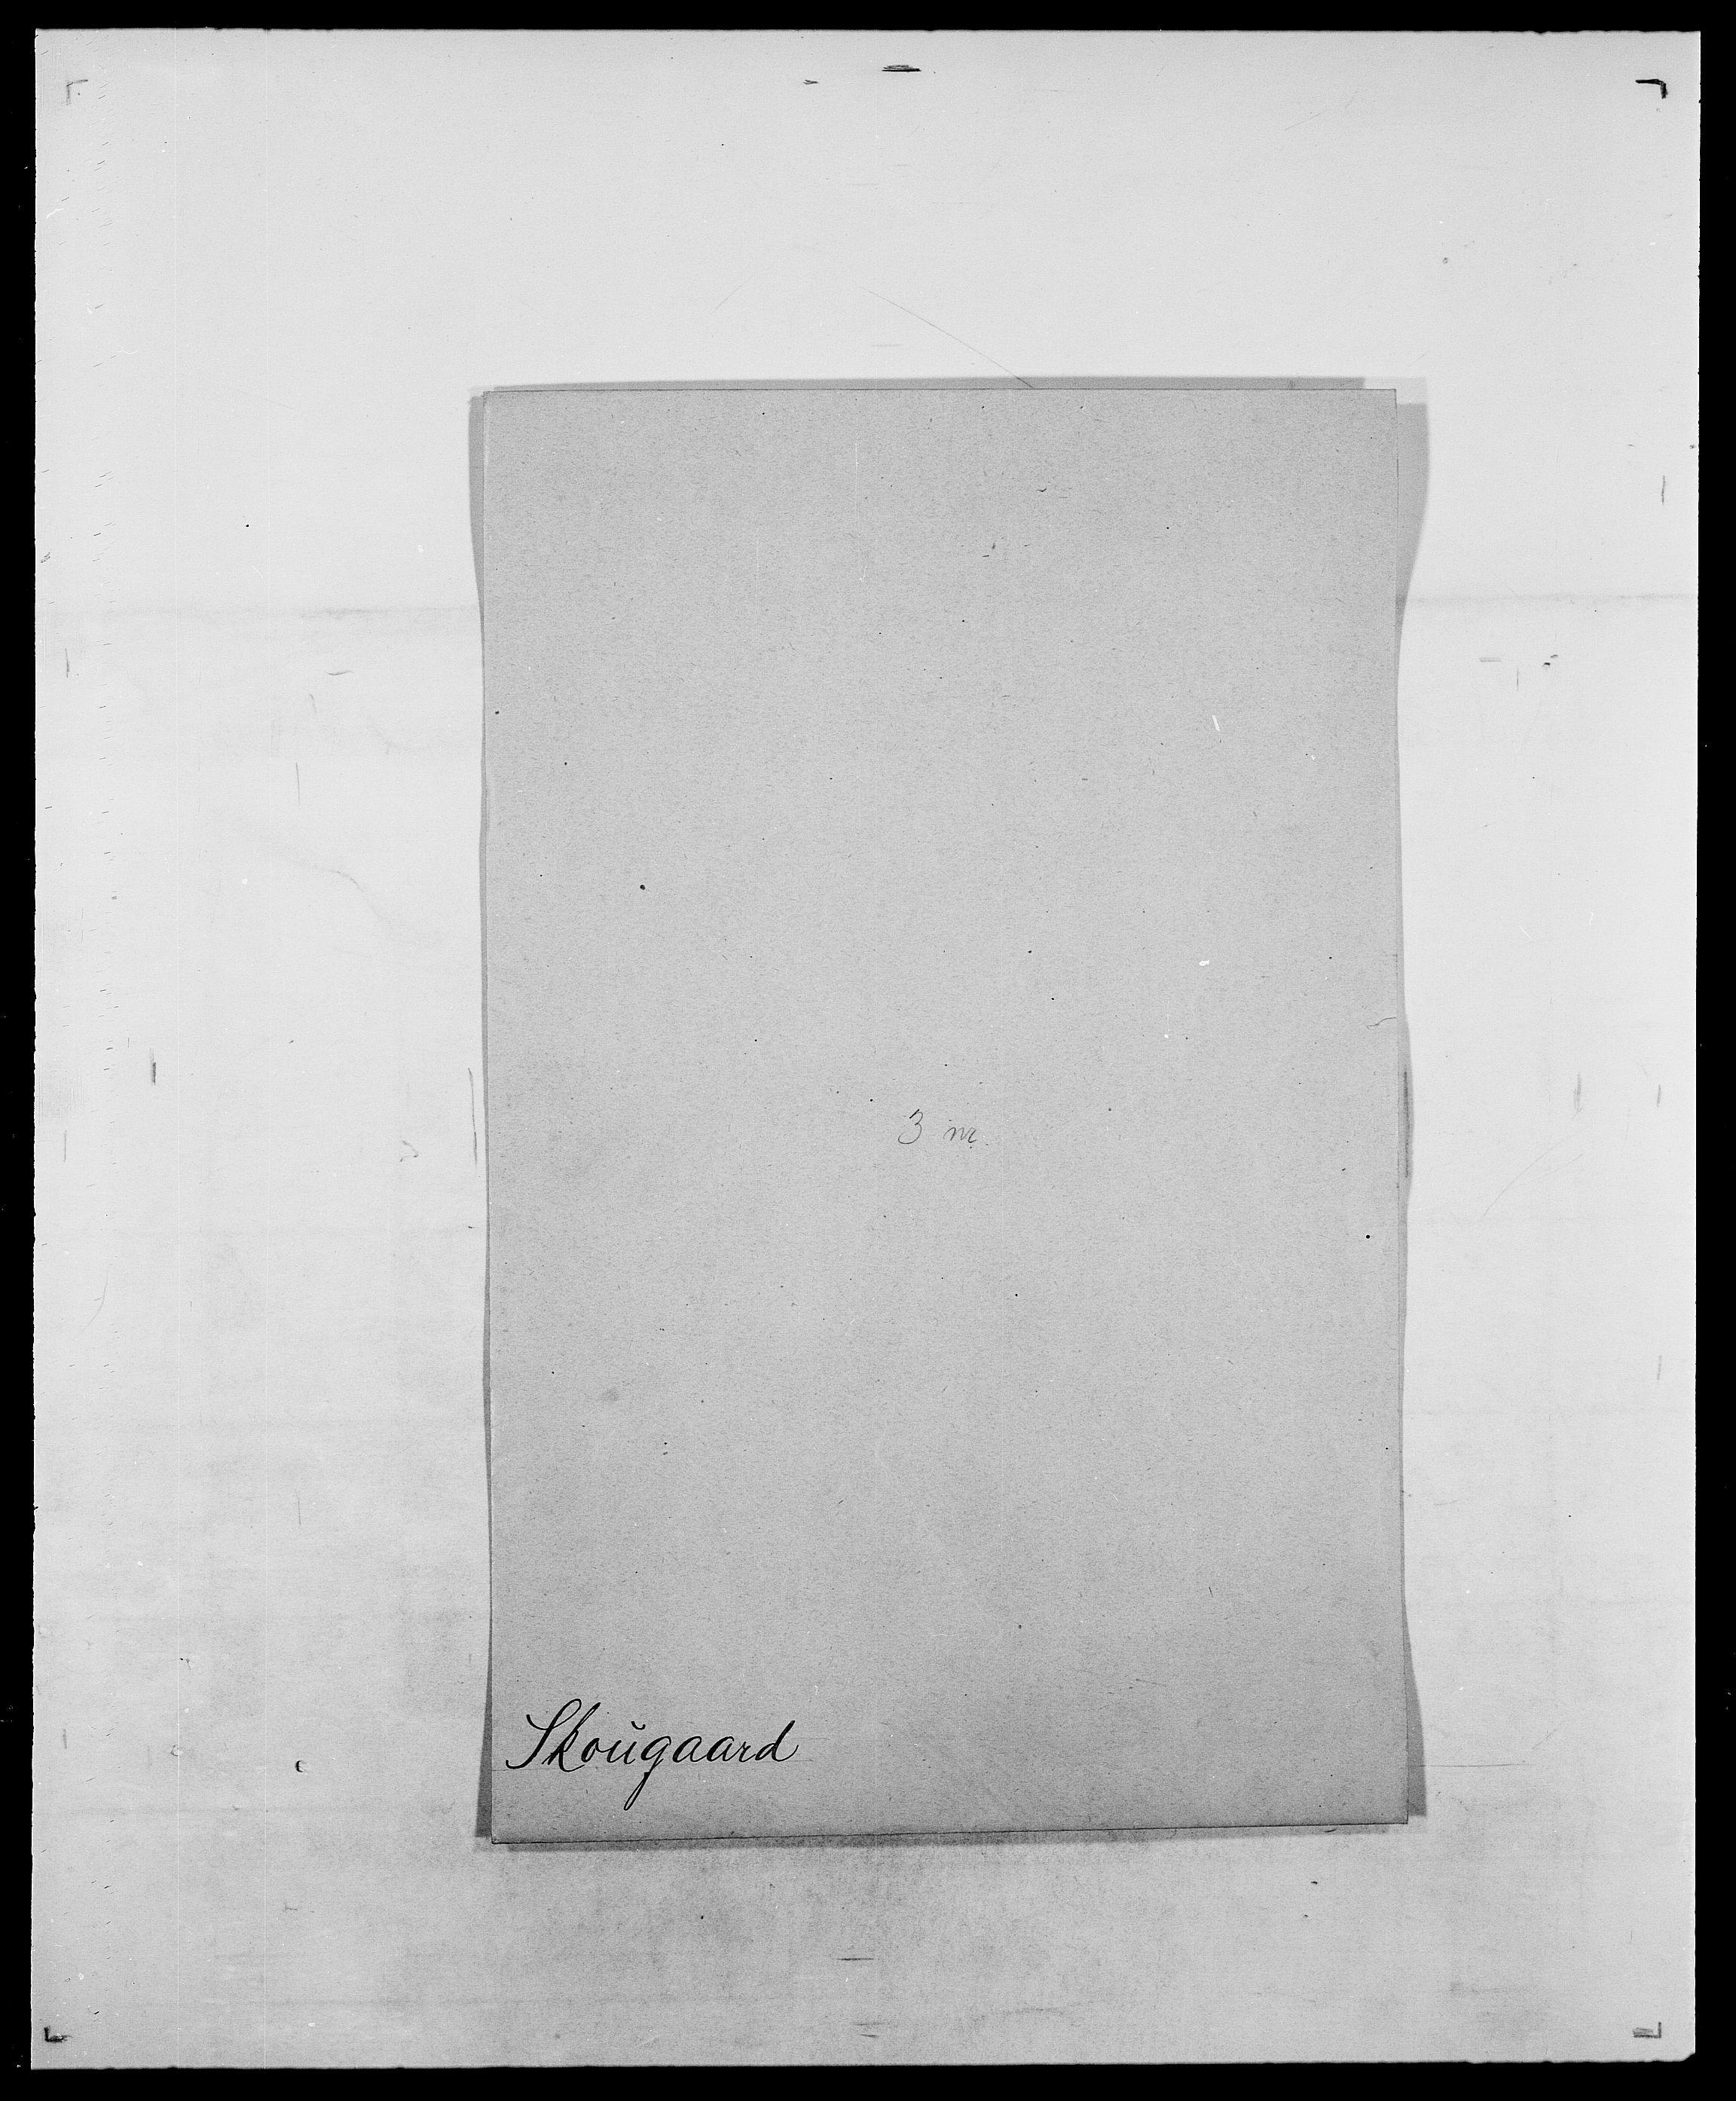 SAO, Delgobe, Charles Antoine - samling, D/Da/L0036: Skaanør - Staverskov, s. 59